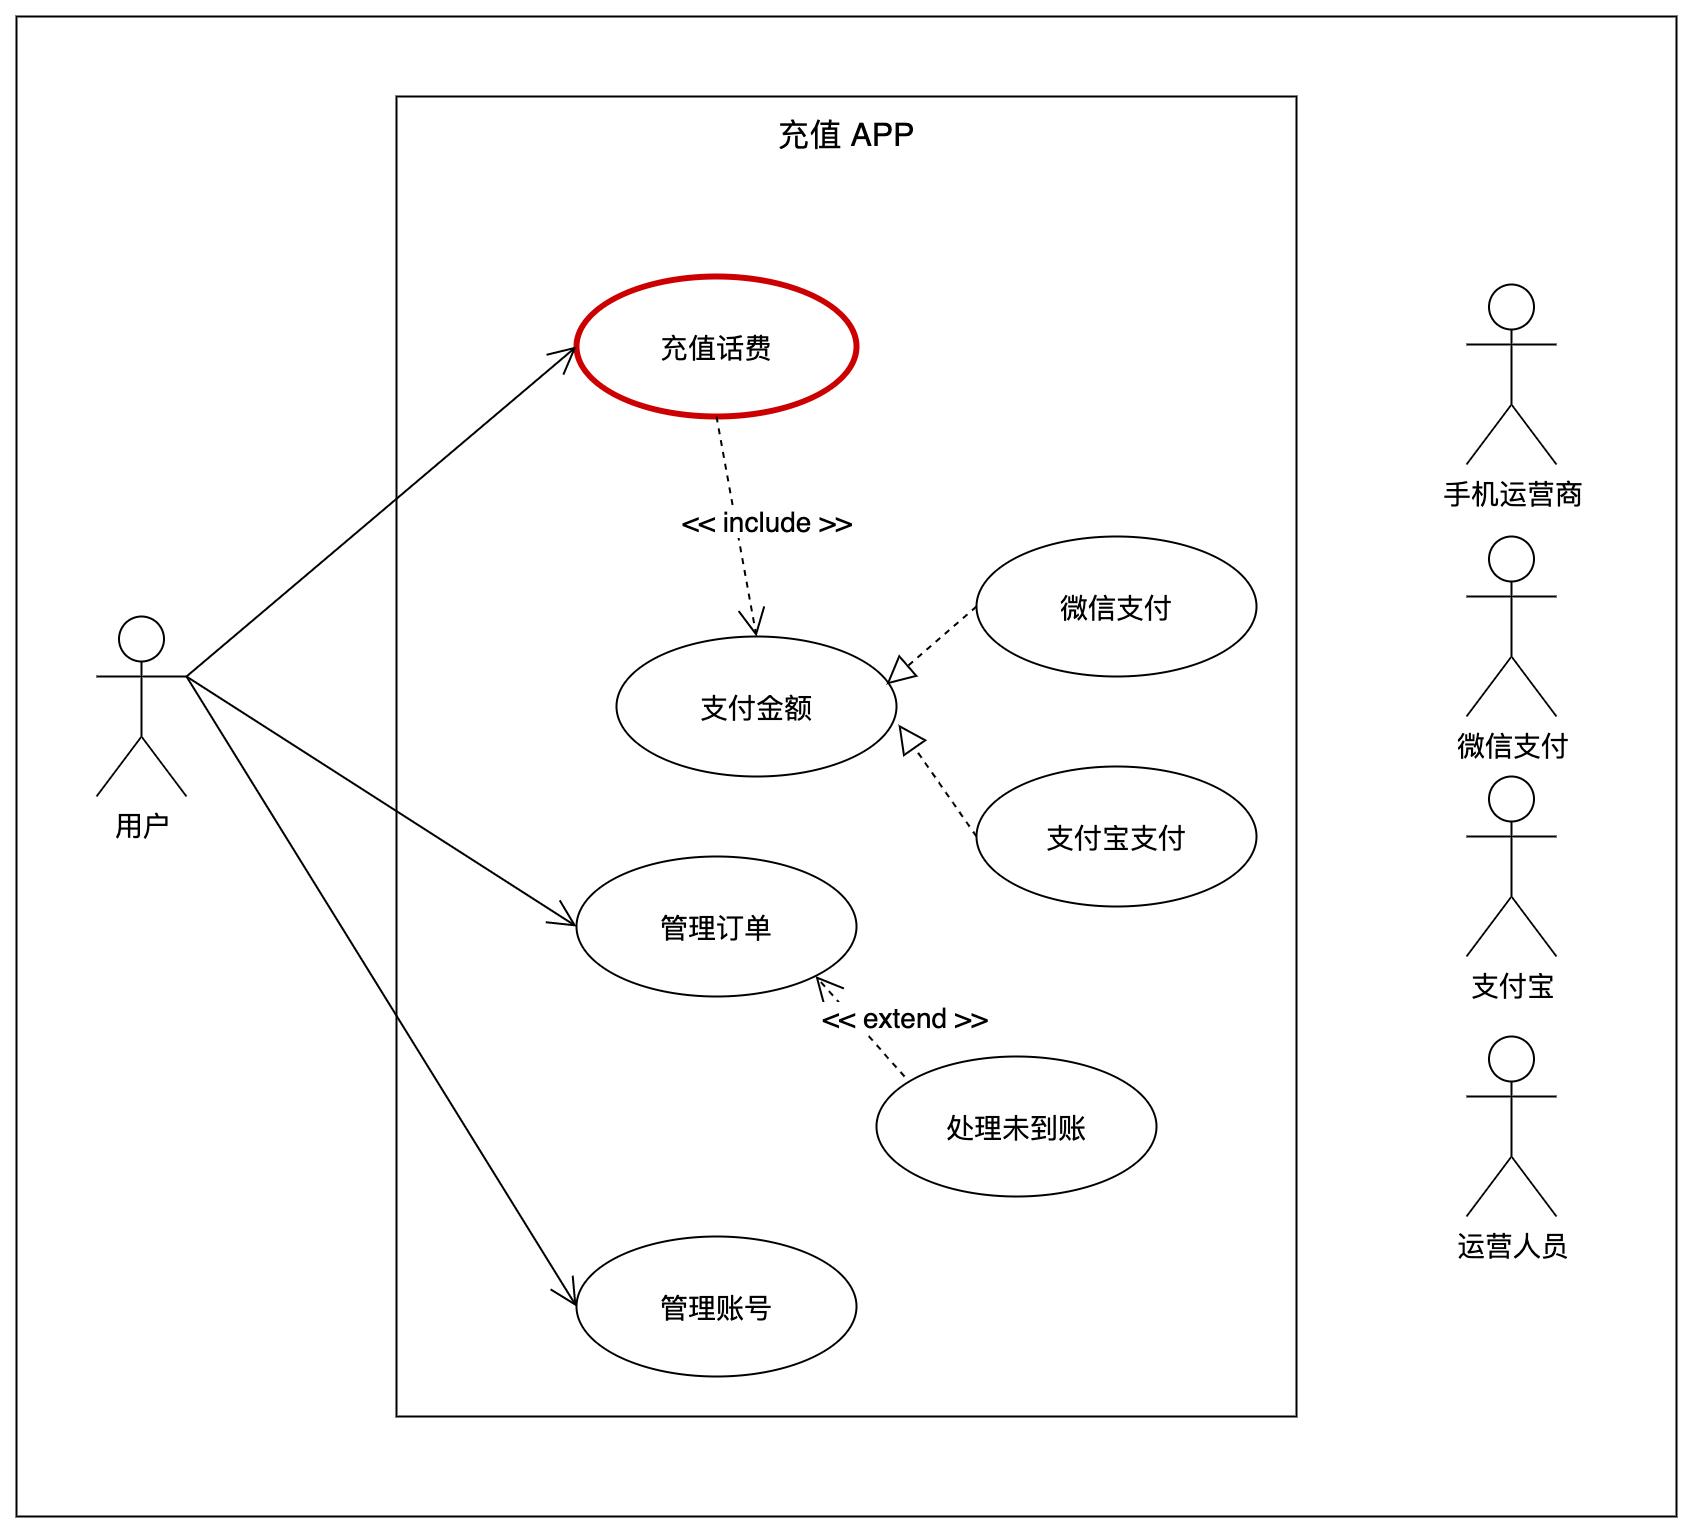 案例中「 充值 APP」 的系统用例图